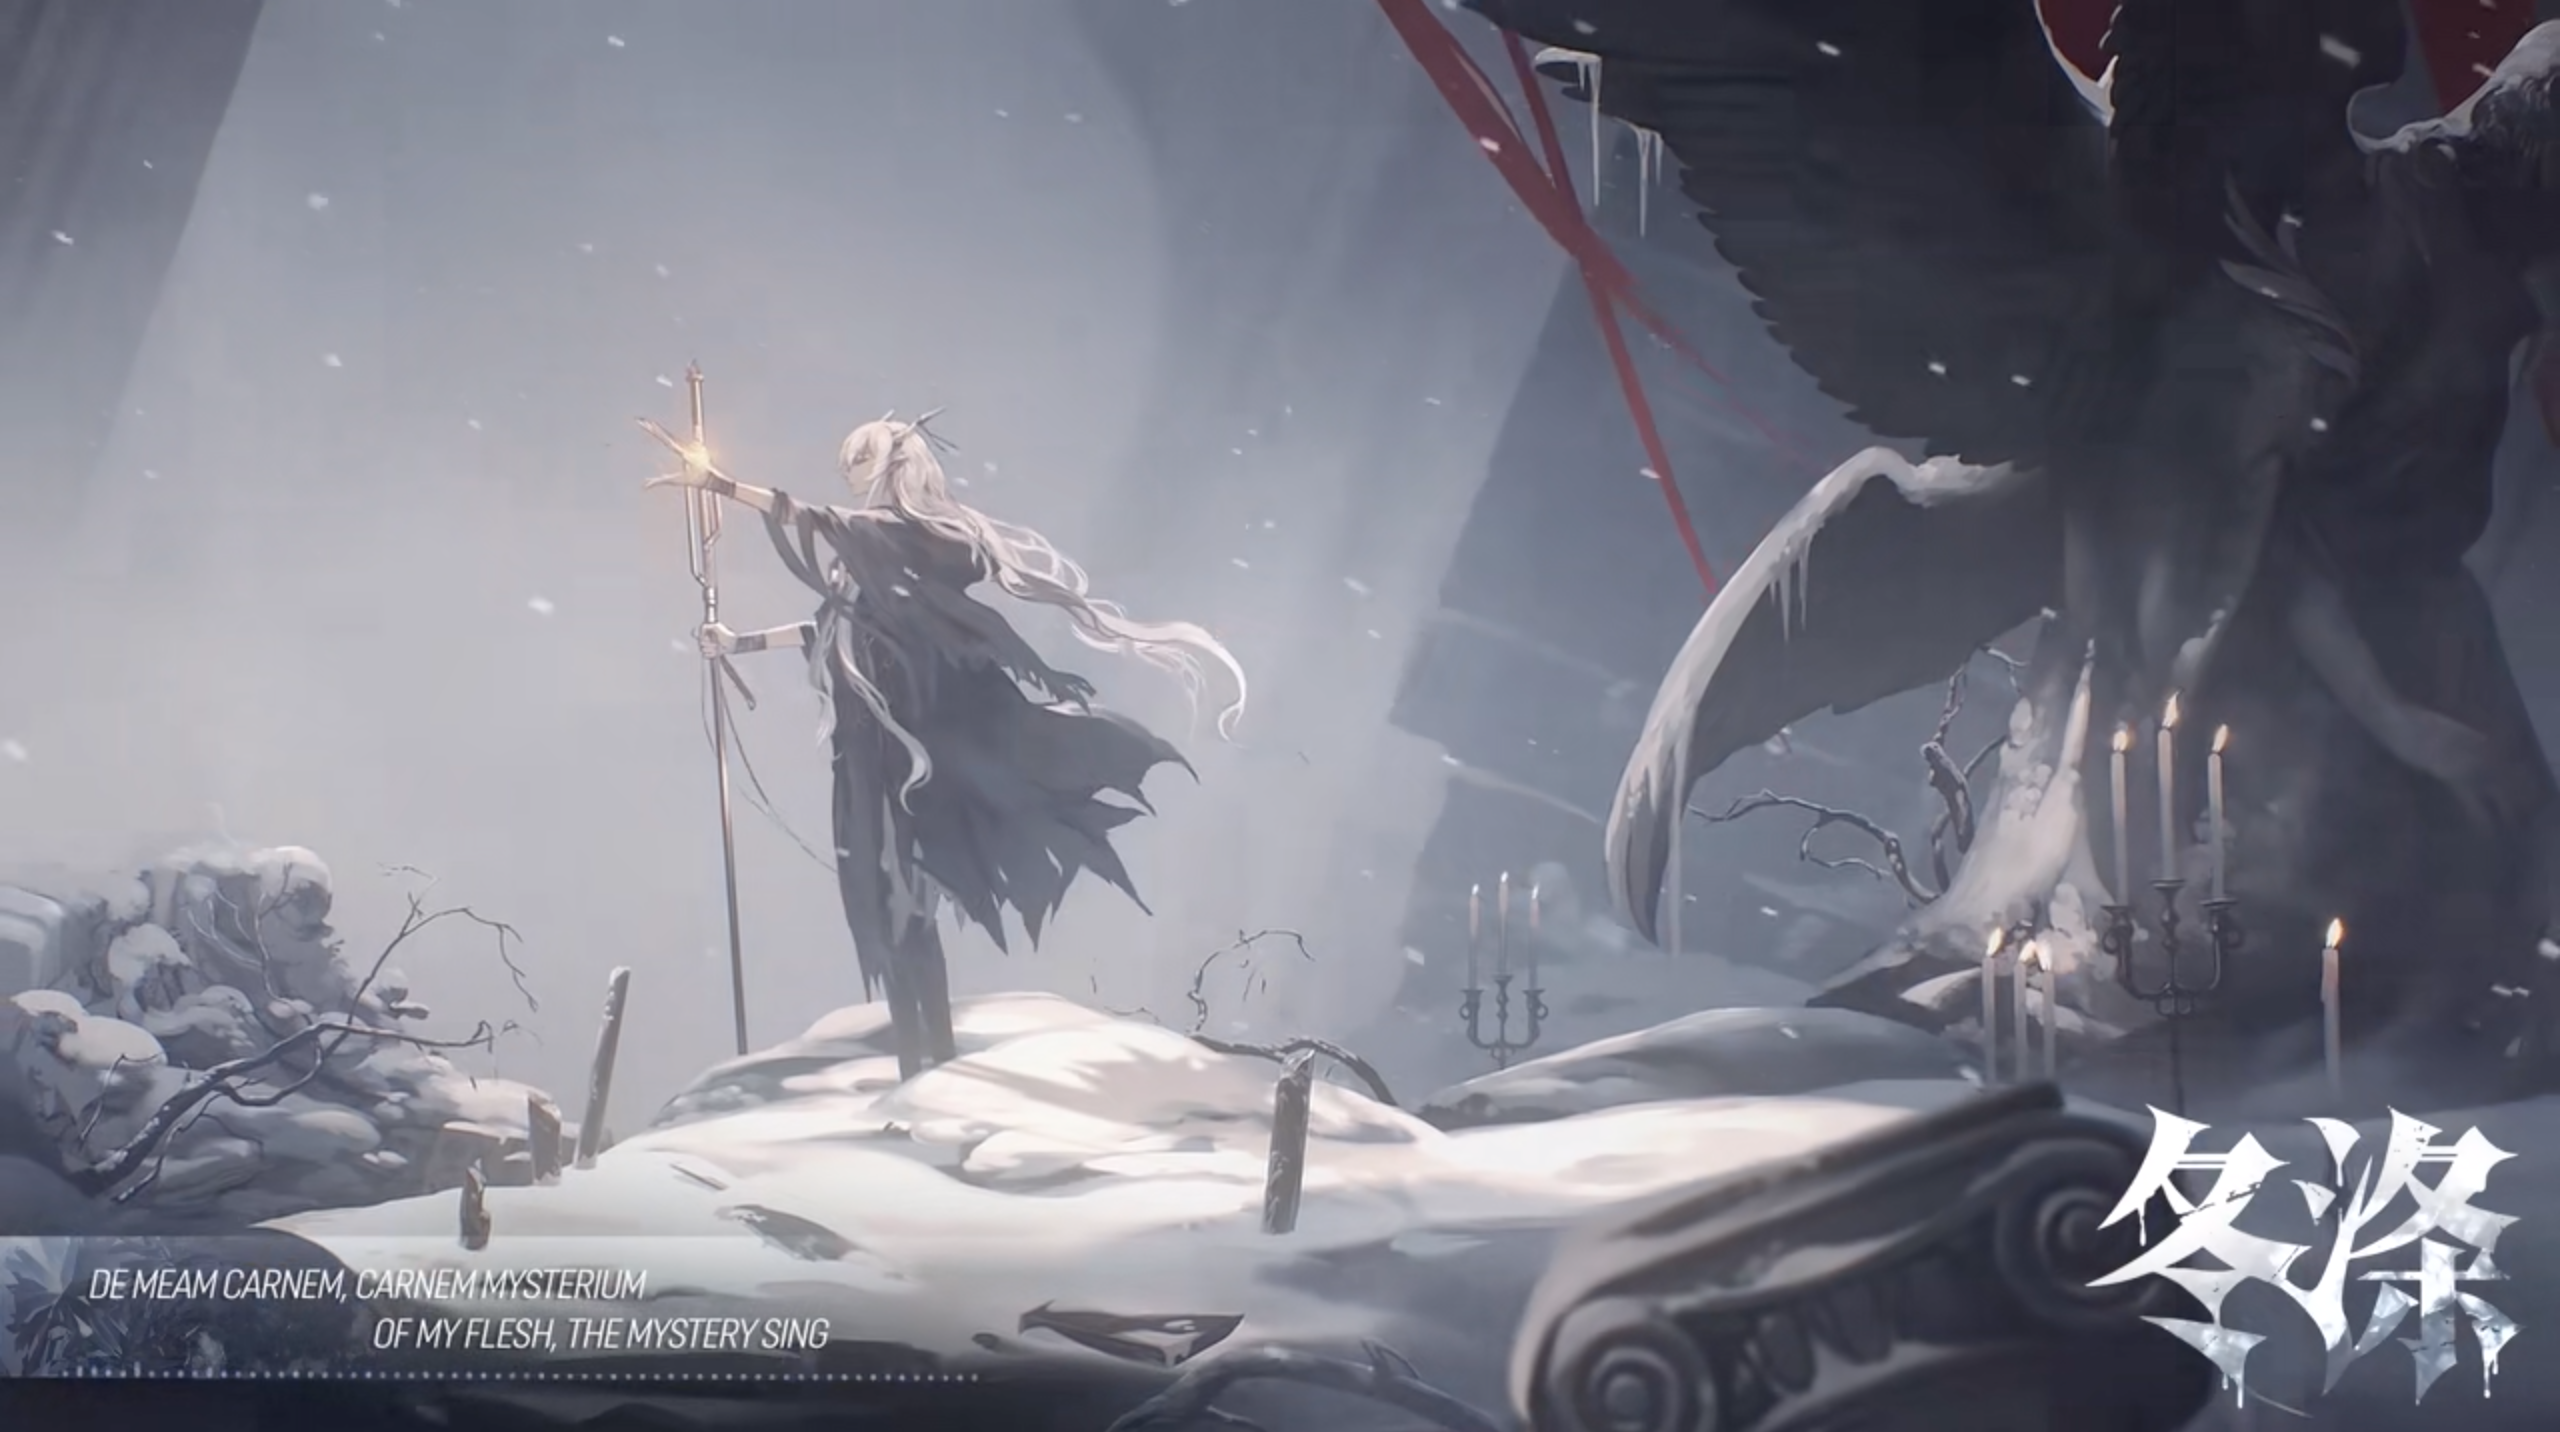 明日方舟:季节四部曲最后一部「冬涤」上线 风雪中的守望者 第1张